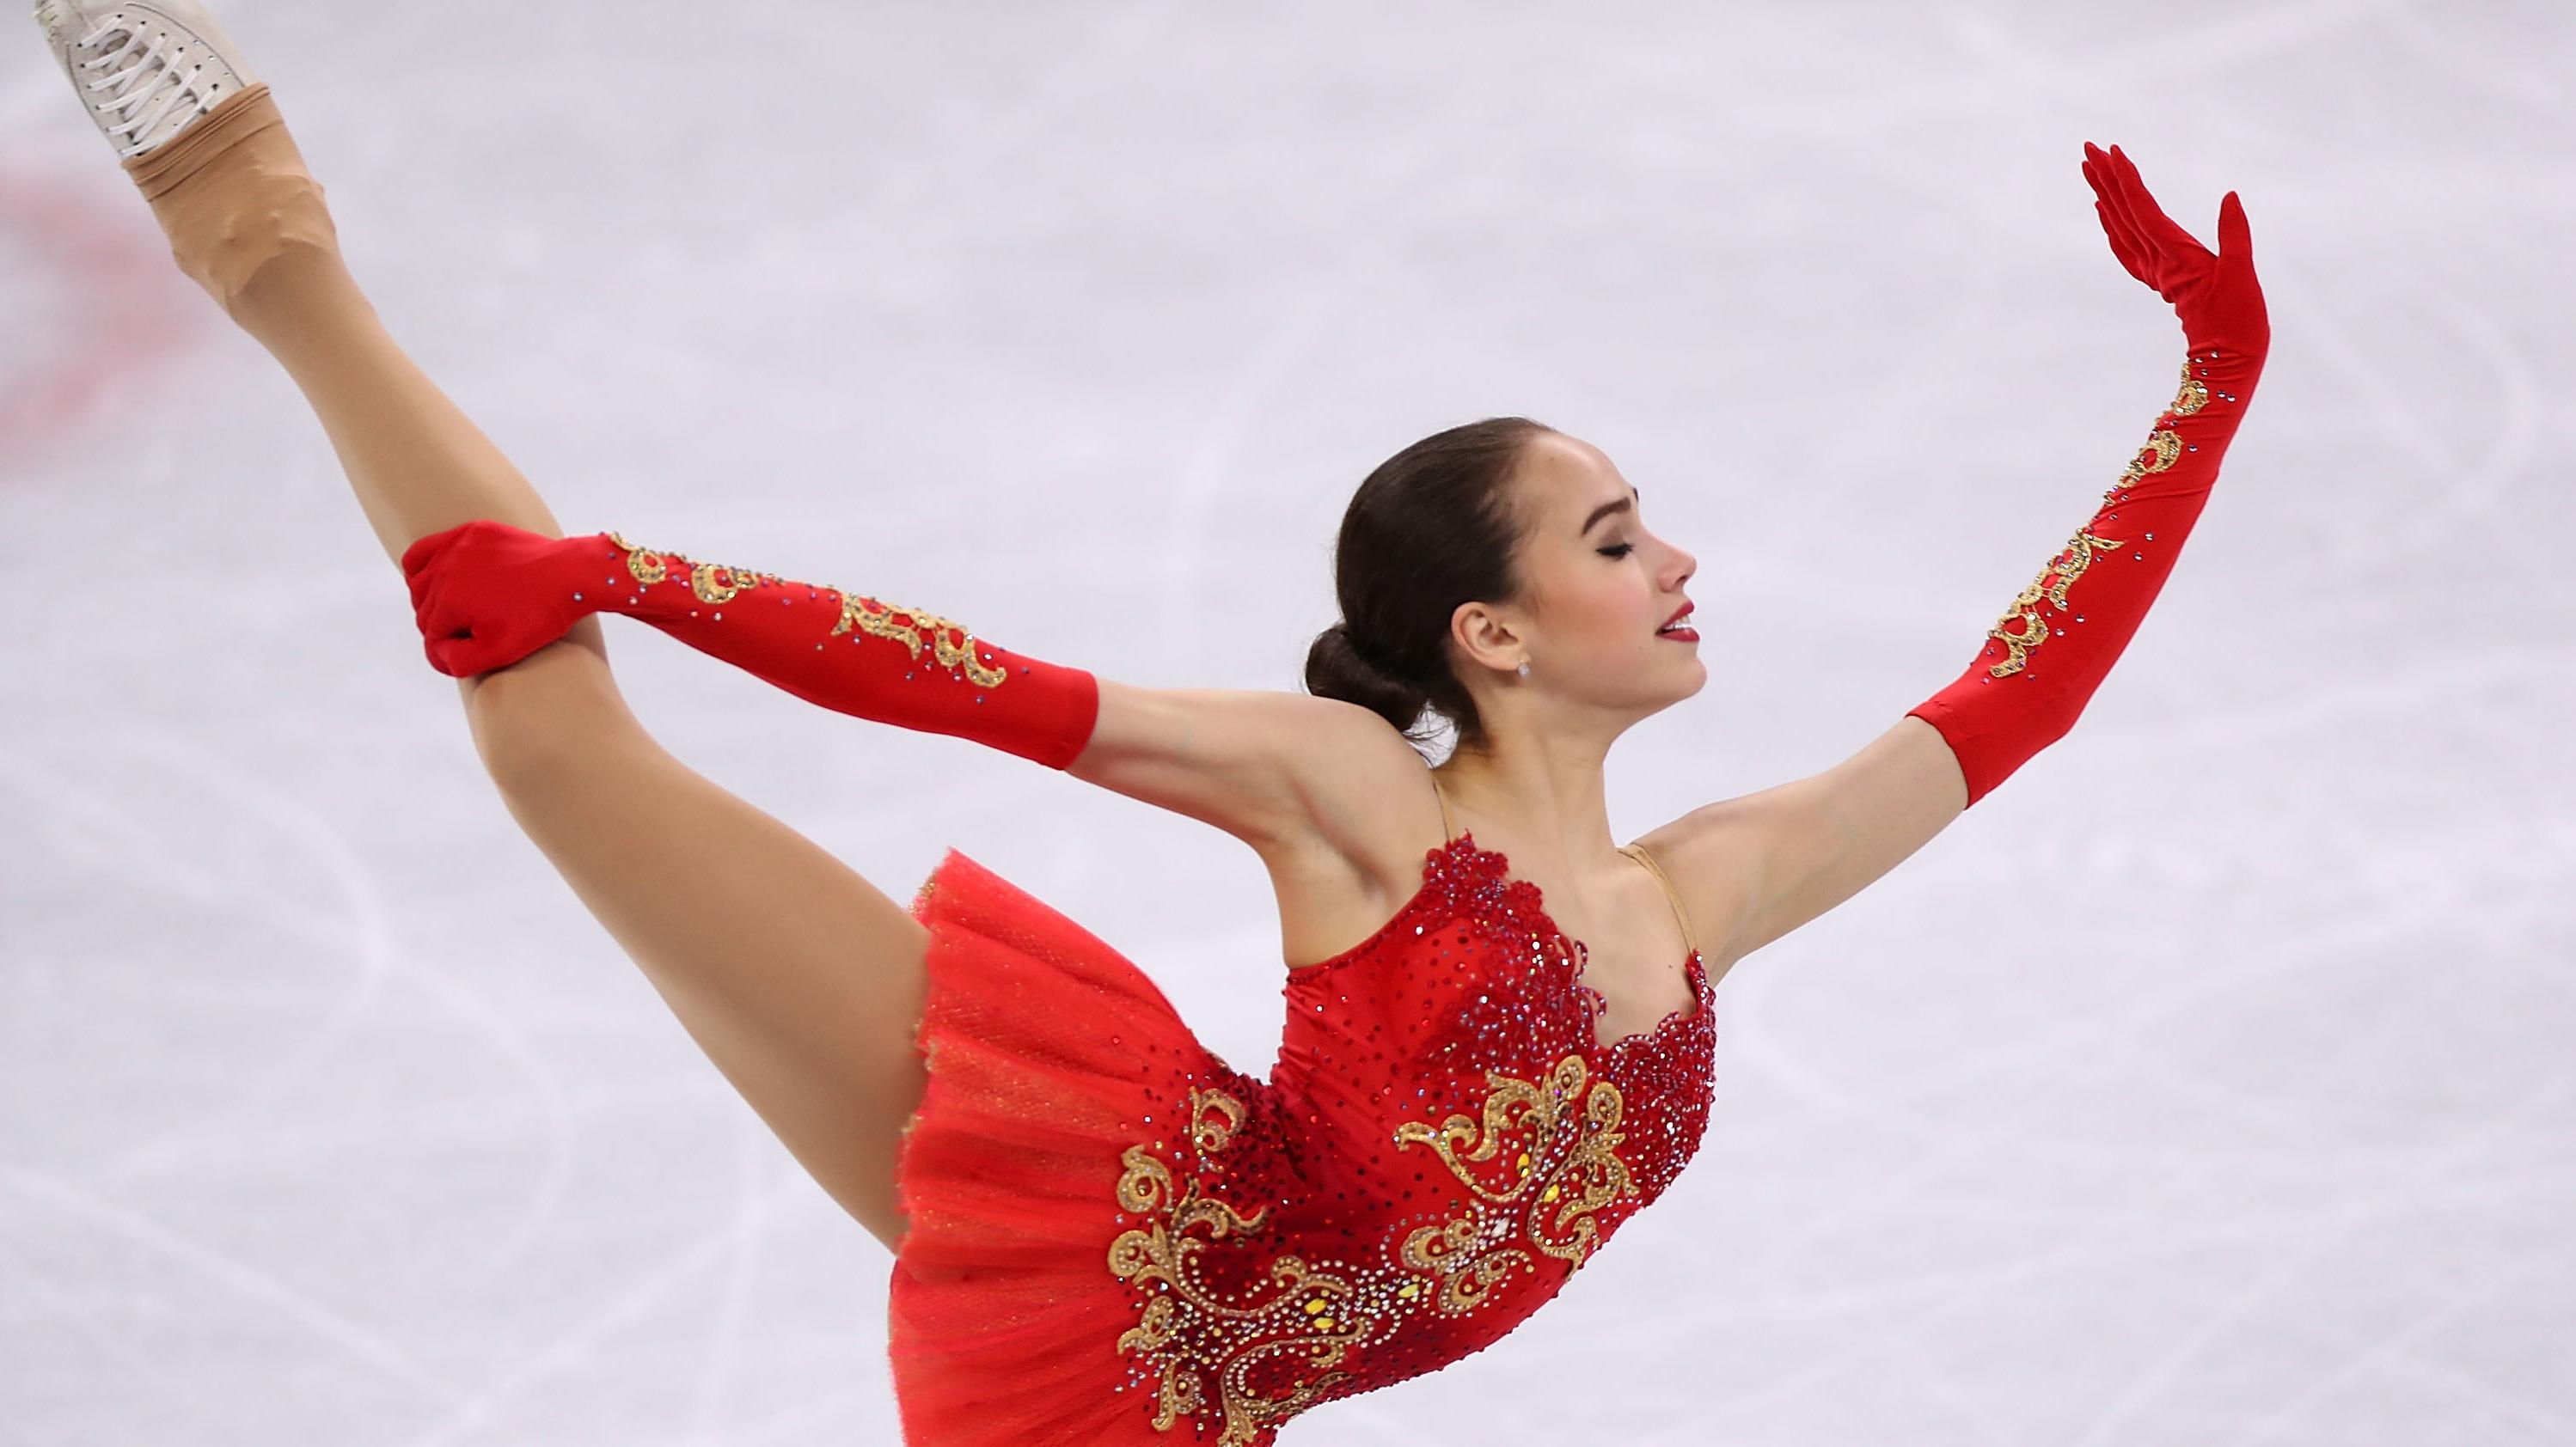 Alina Sagitowa bei ihrer Kür bei den Olympischen Winterspielen 2018 in Pyeongchang